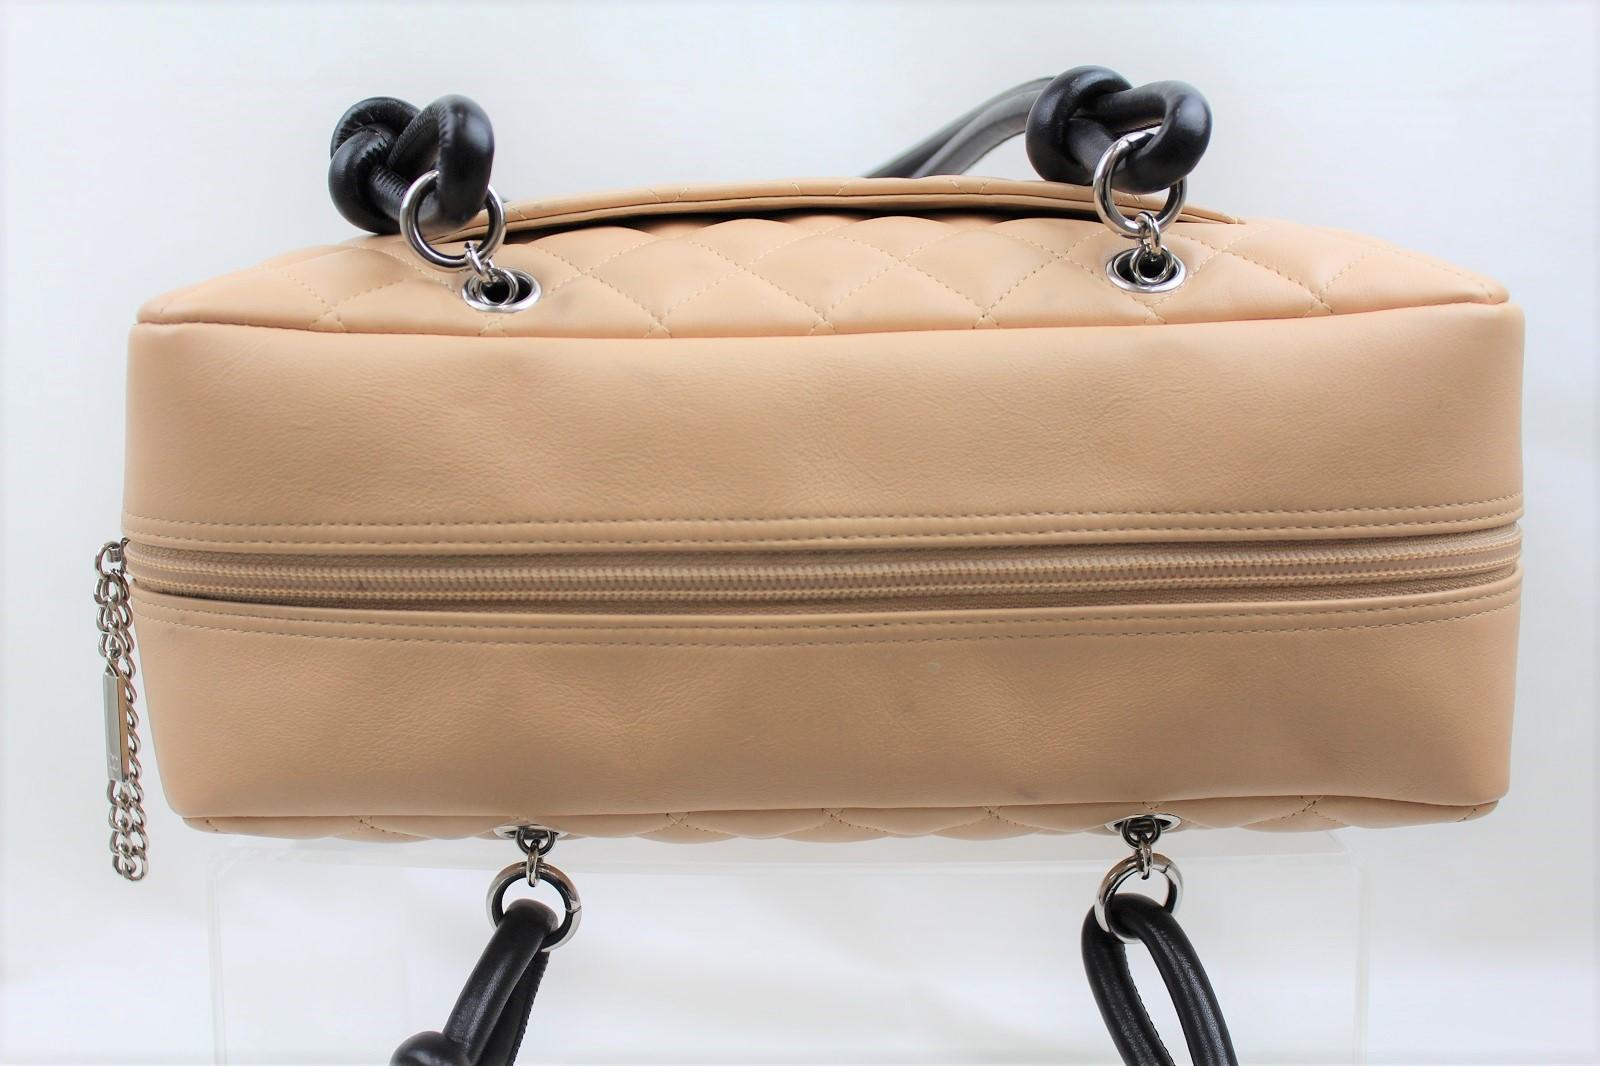 39507fb2a0fb ... ギャラあり】CHANELシャネルカンボントートハンドバッグショルダーレザーベージュブラックココマークバッグ ...